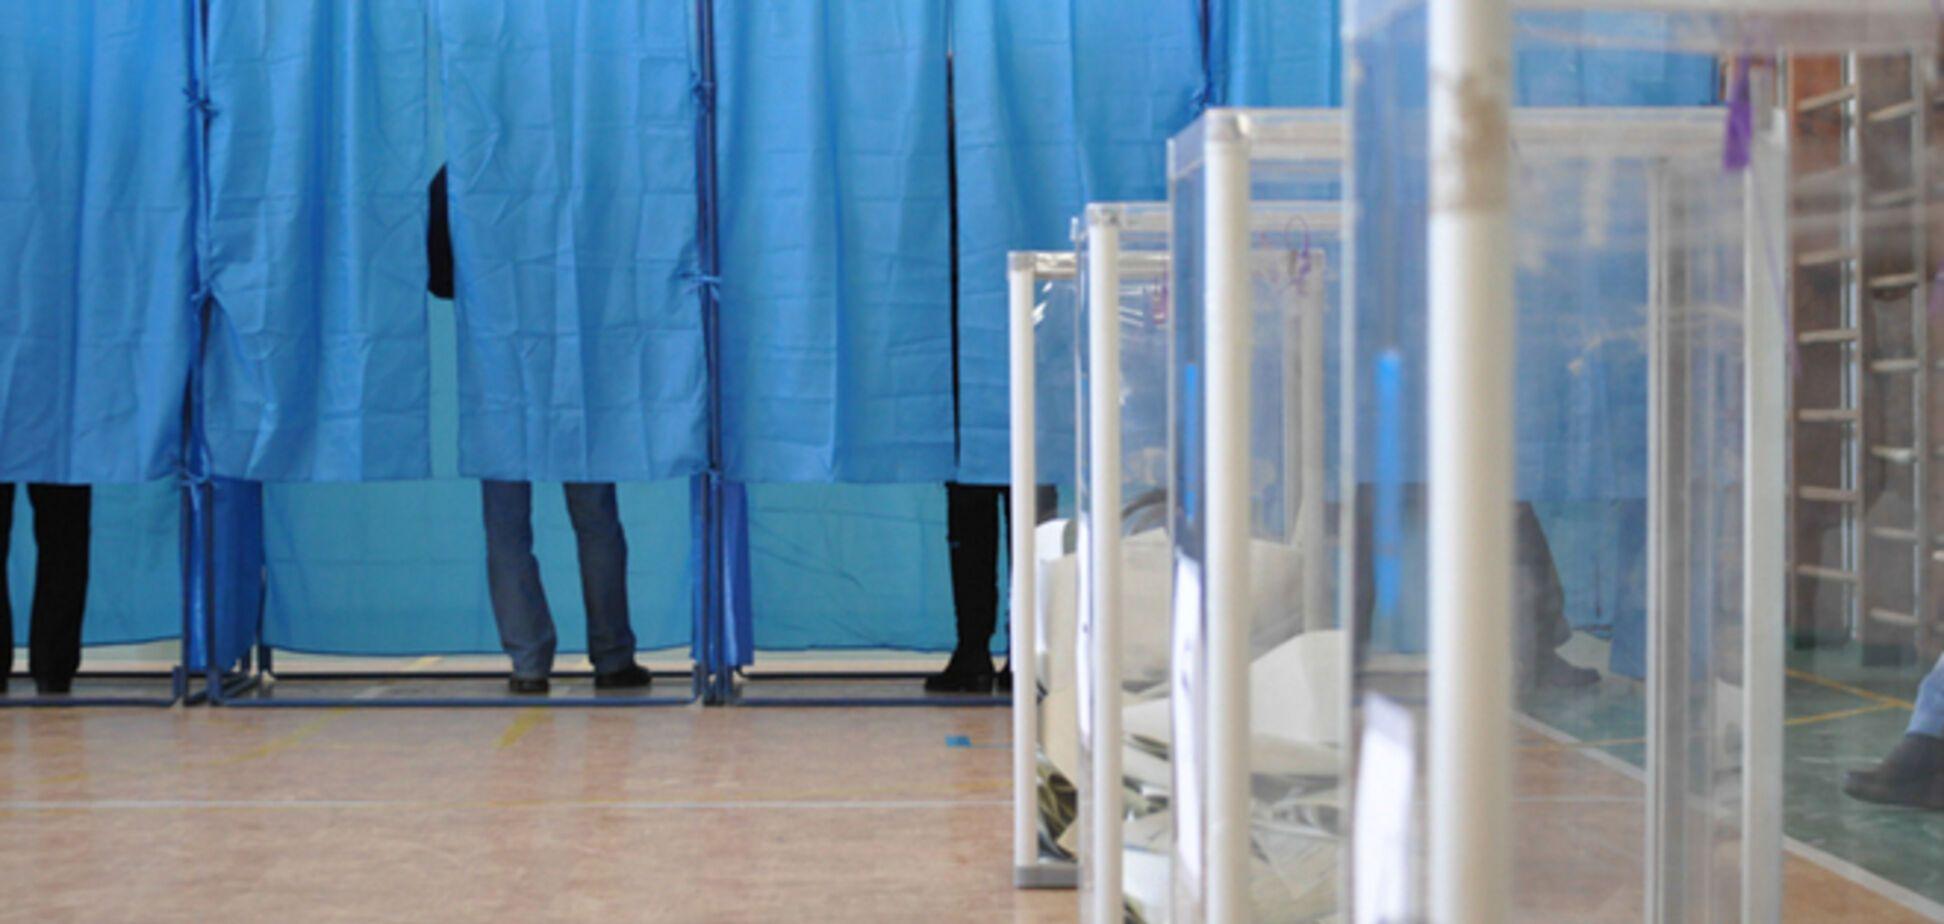 Милиция отчиталась о нарушениях на выборах: подкупы, минирования и оружие на участках